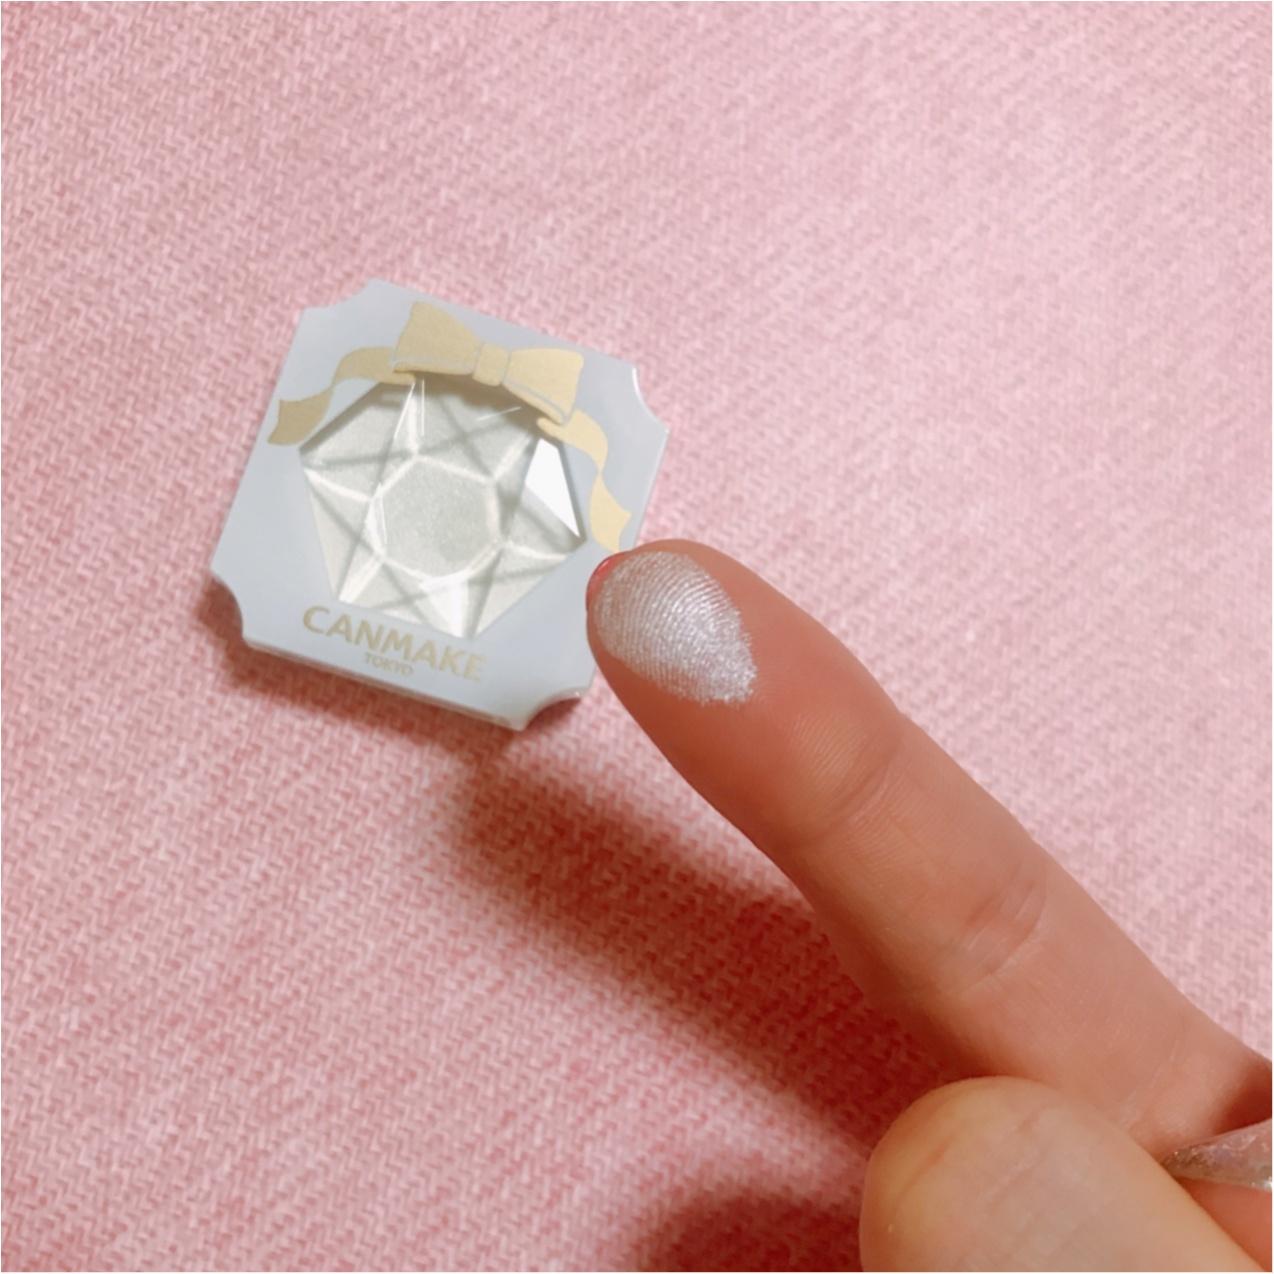 【キャンメイク】600円でツヤ肌に♡ 《クリームハイライター》が使えるっ!_2